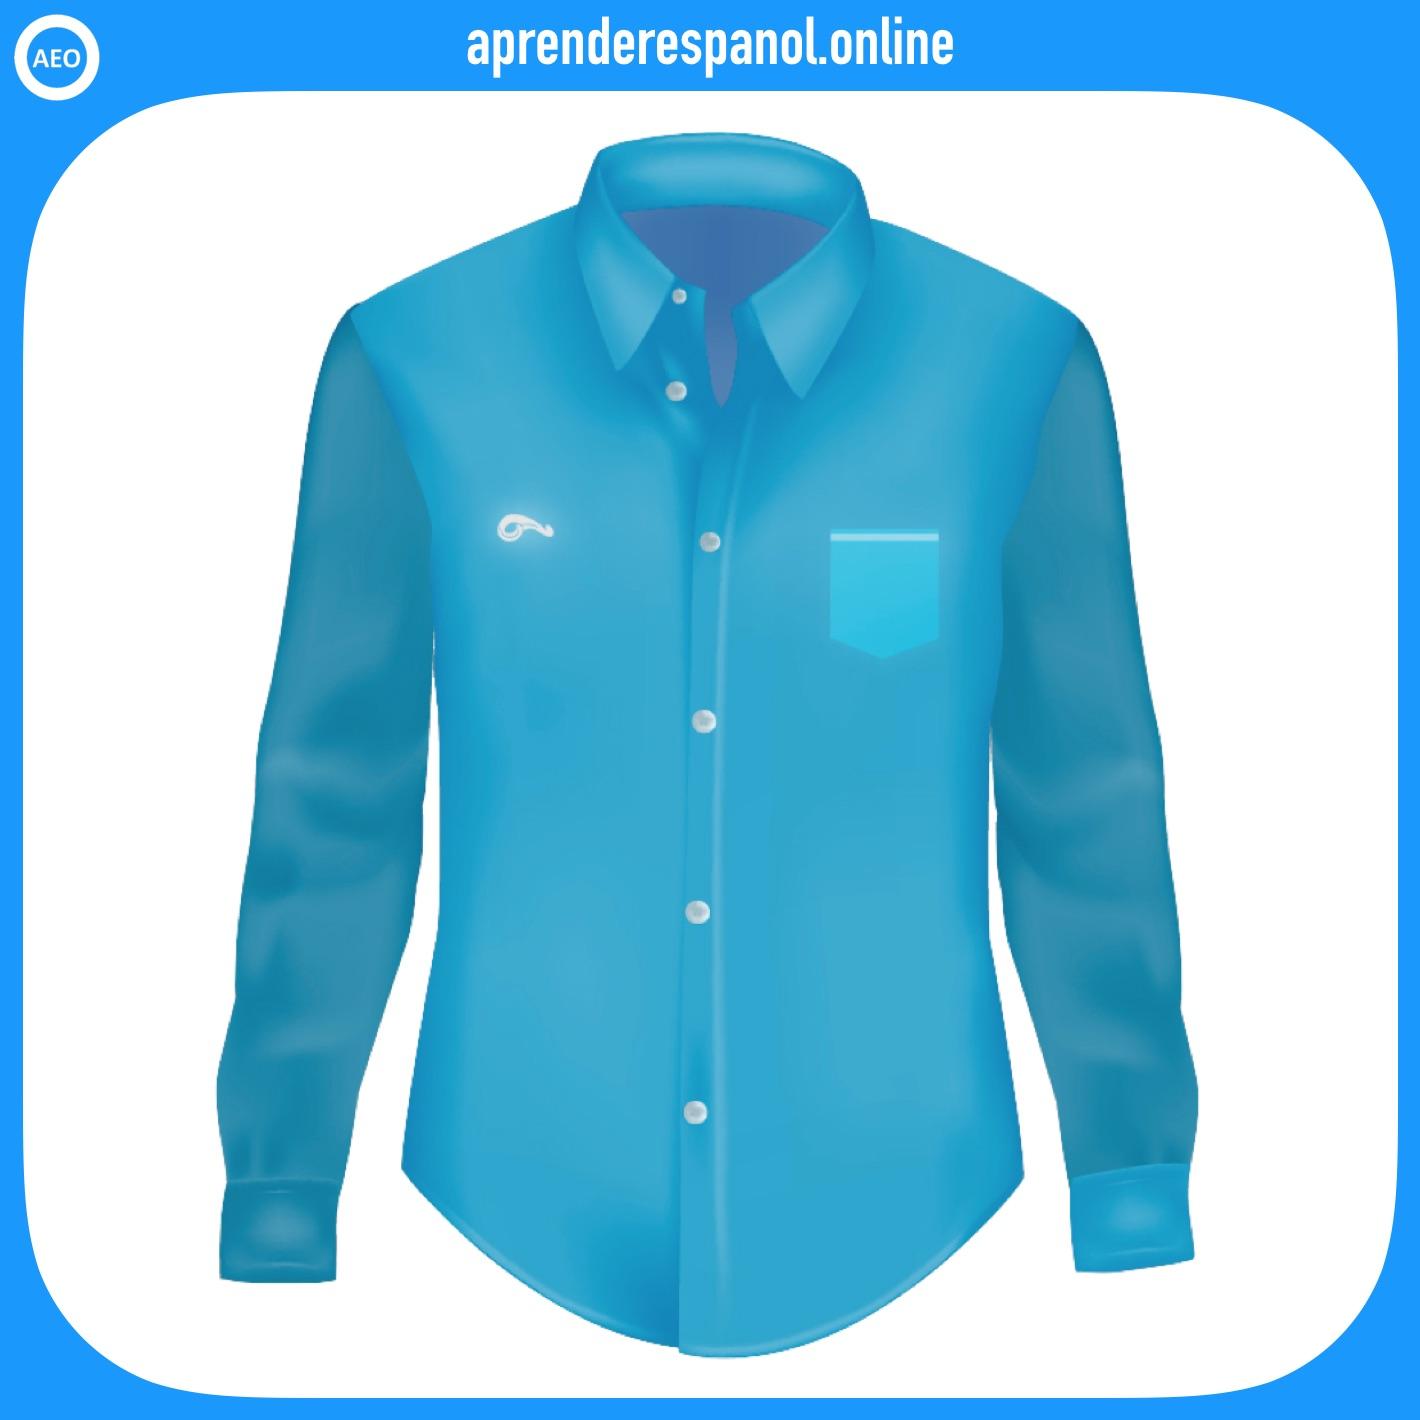 camisa | ropa en español | vocabulario de la ropa en español